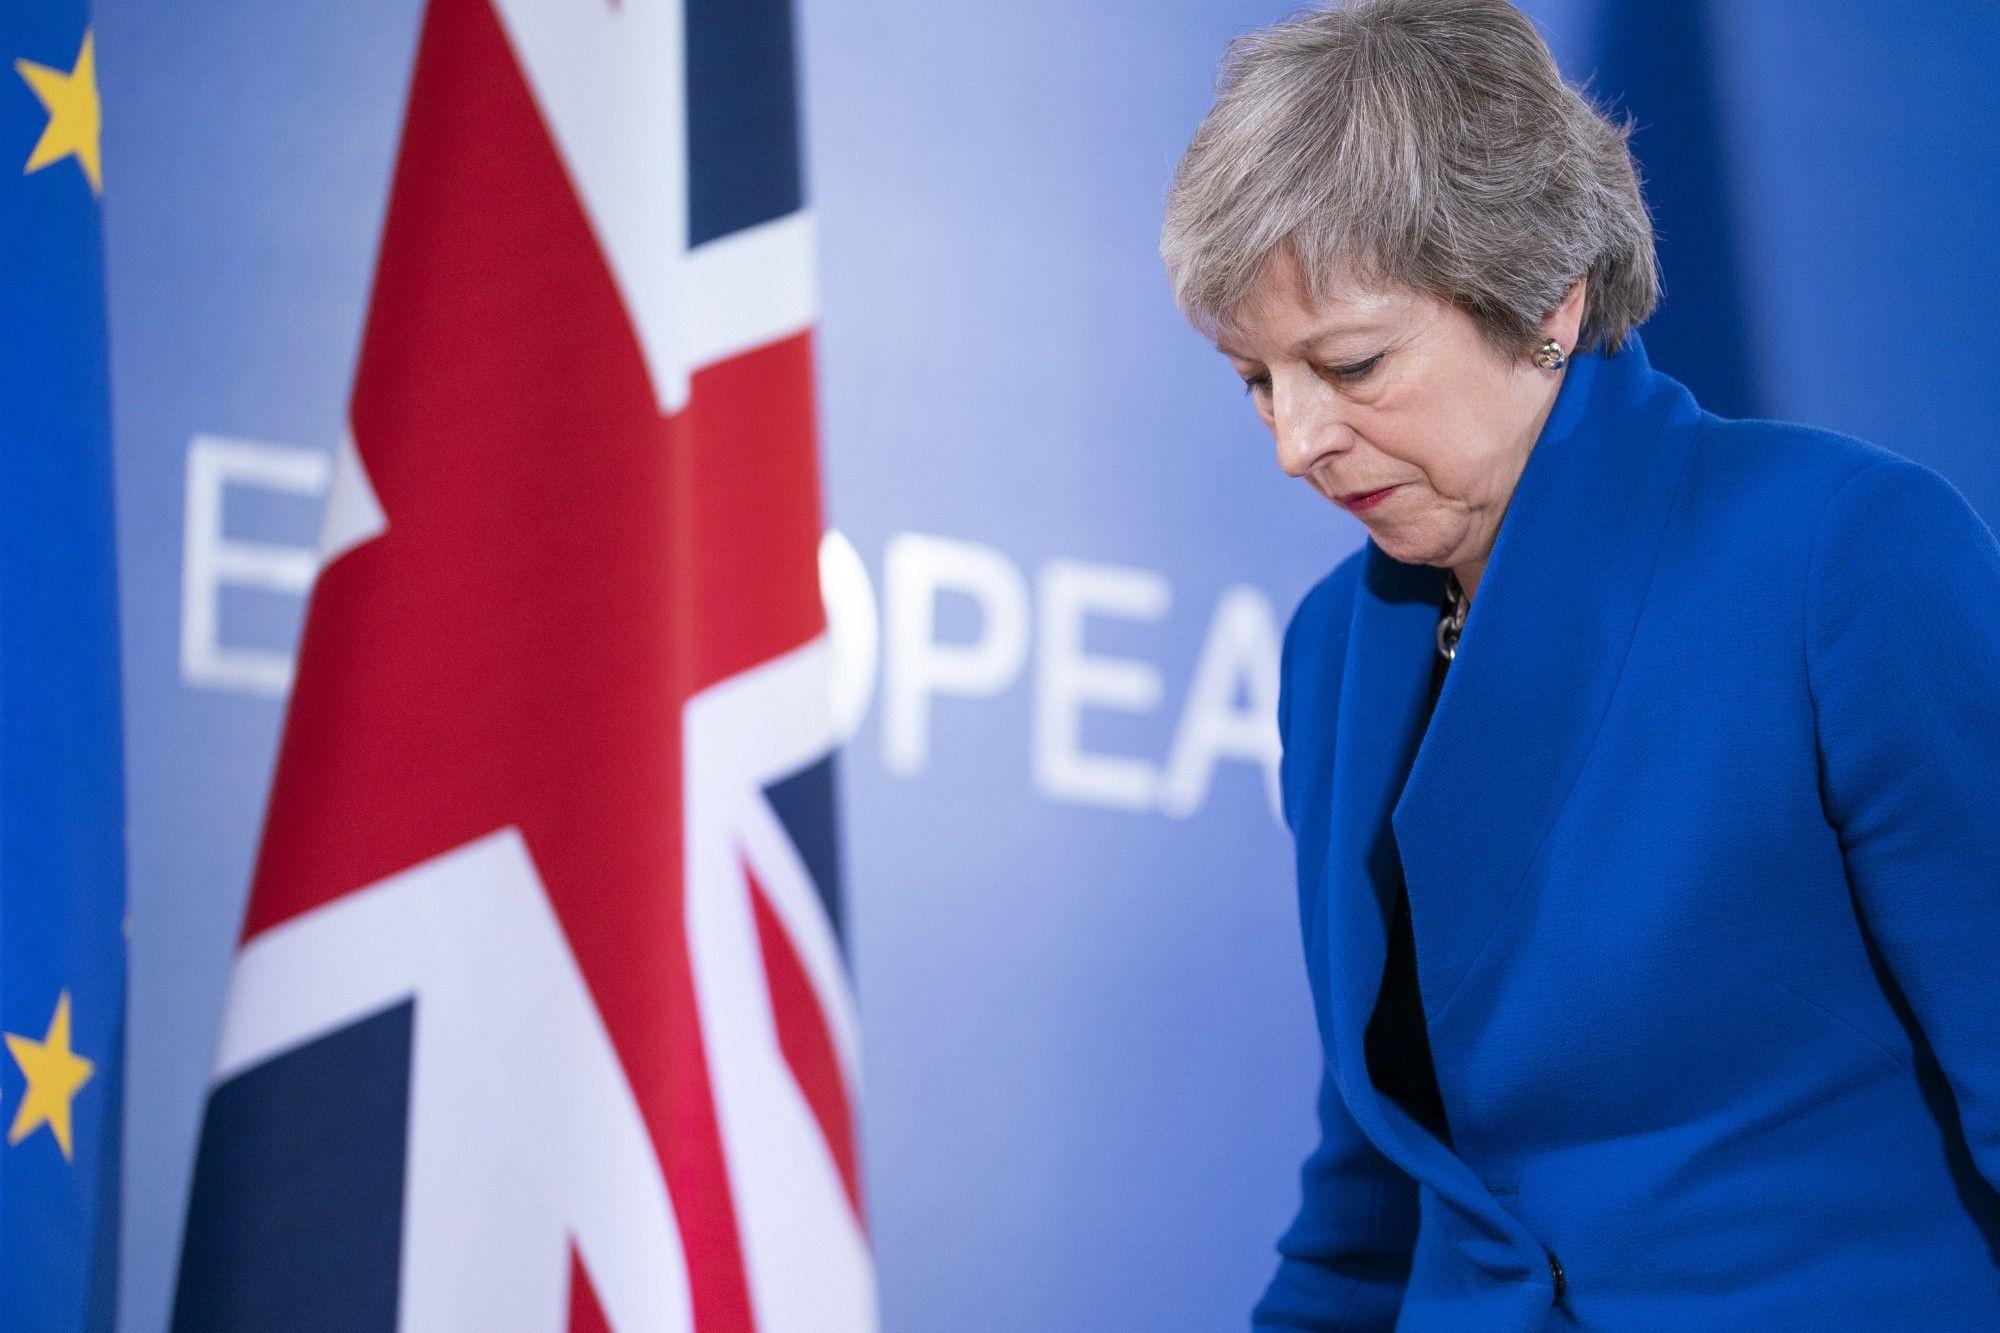 El alcance de la potencial derrota de May por el brexit es lo que le importa a la Unión Europa